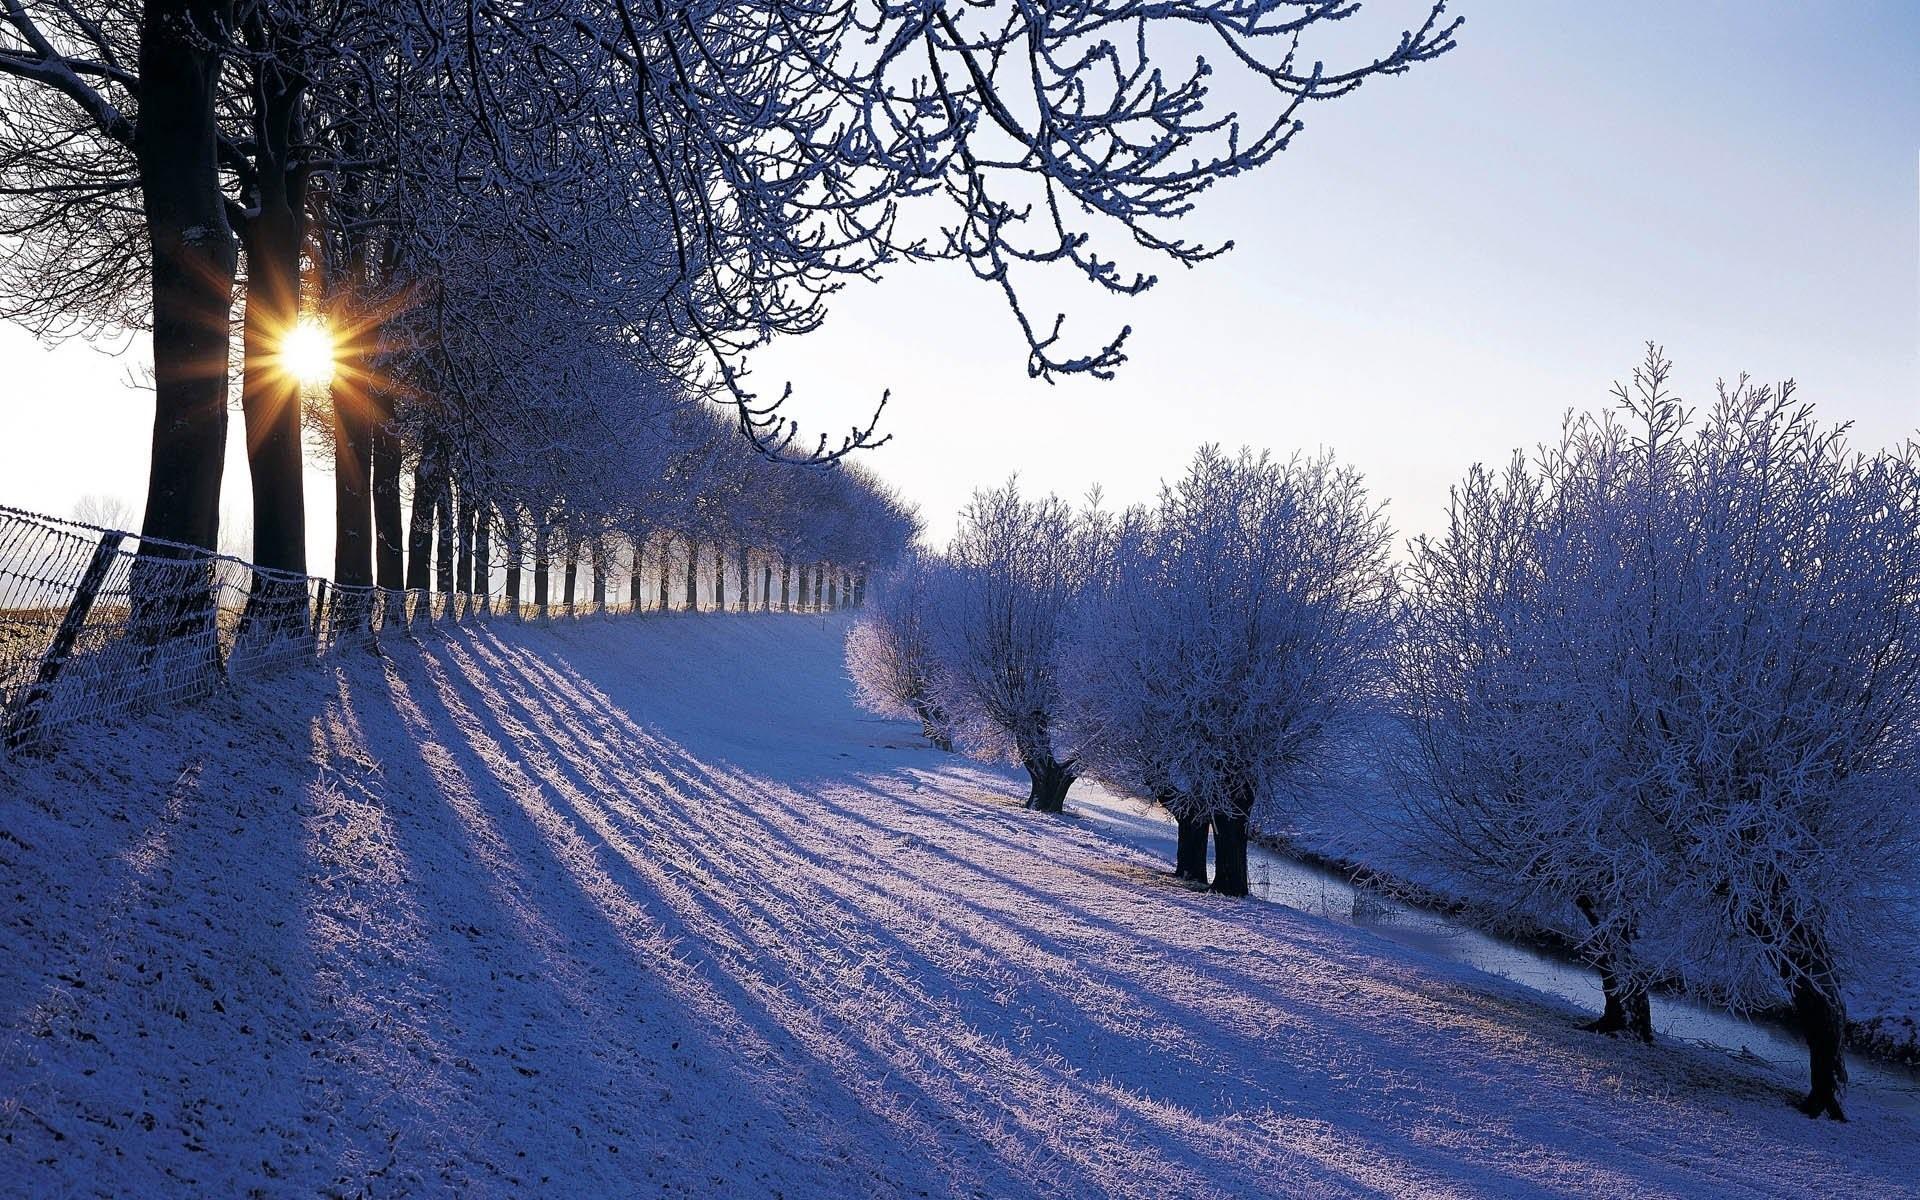 Beautiful Winter Season Free Hd Wallpapers For Desktop